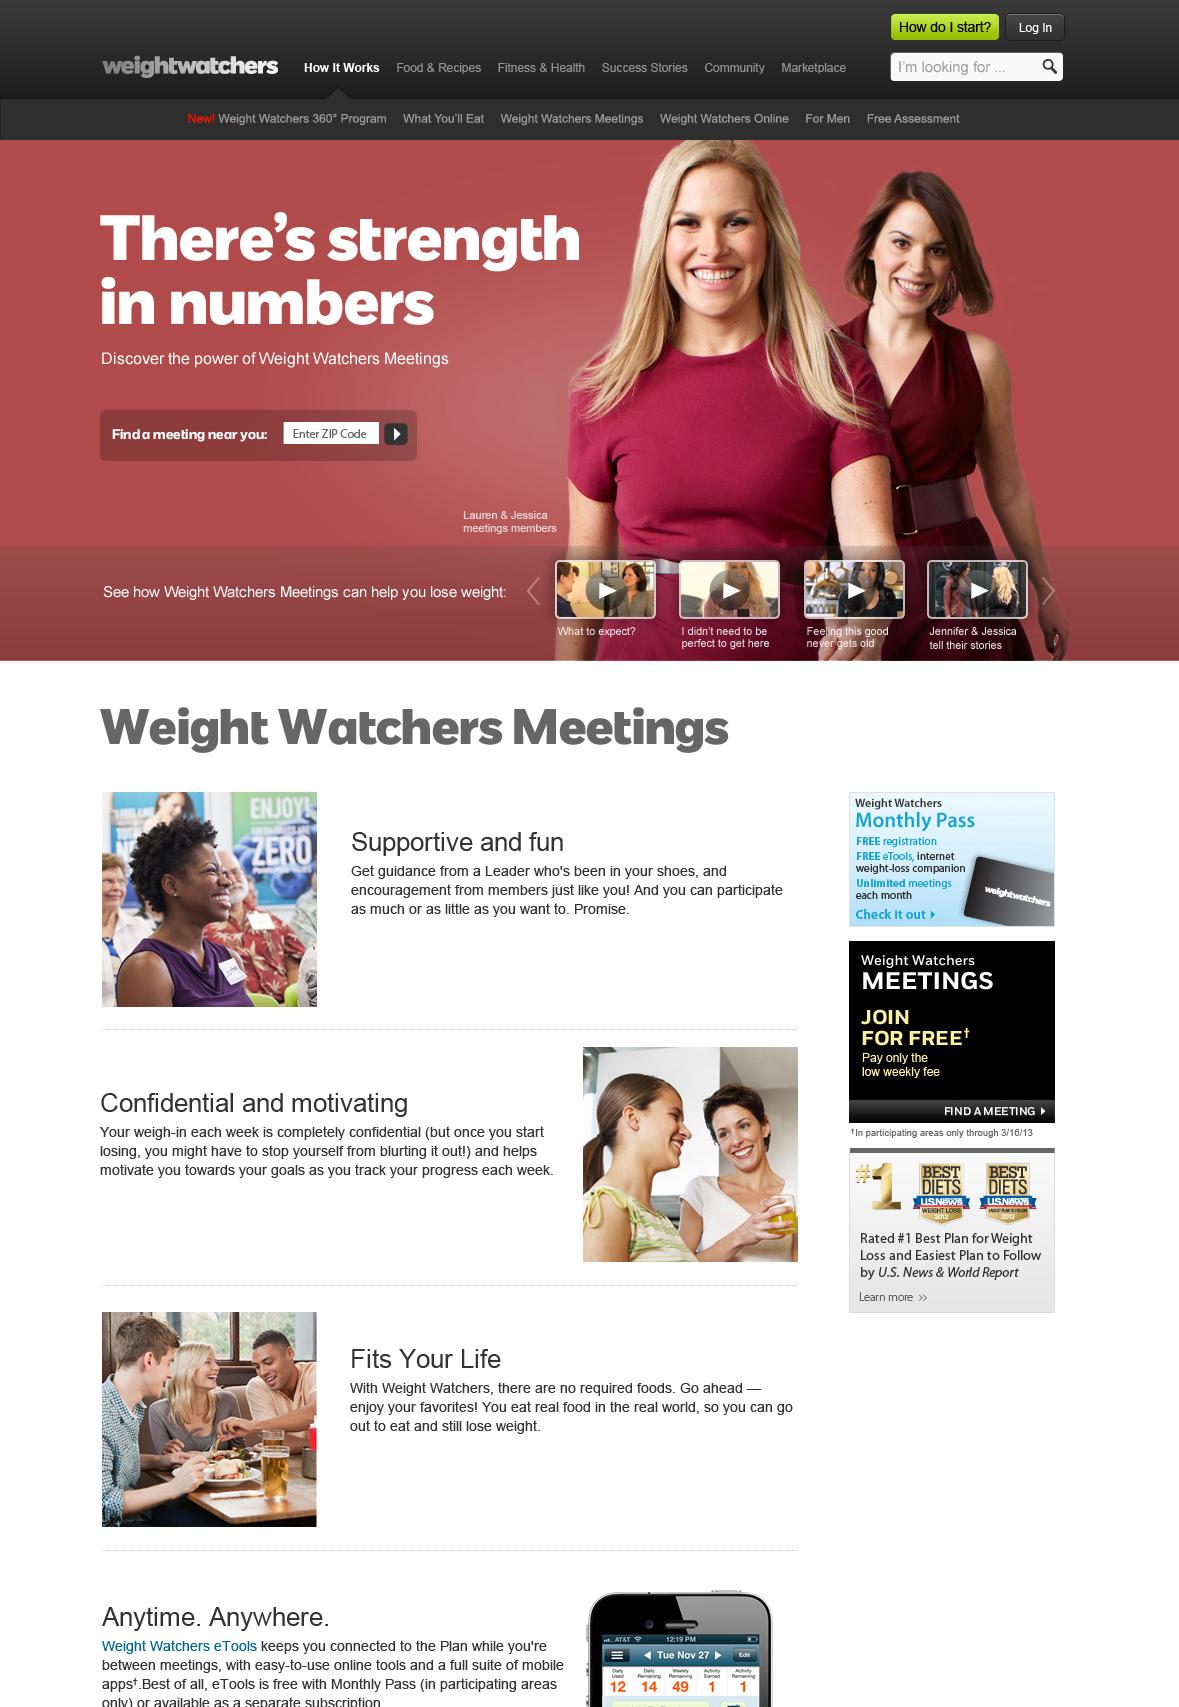 HWWW_DesignR1_meetingspage.jpg